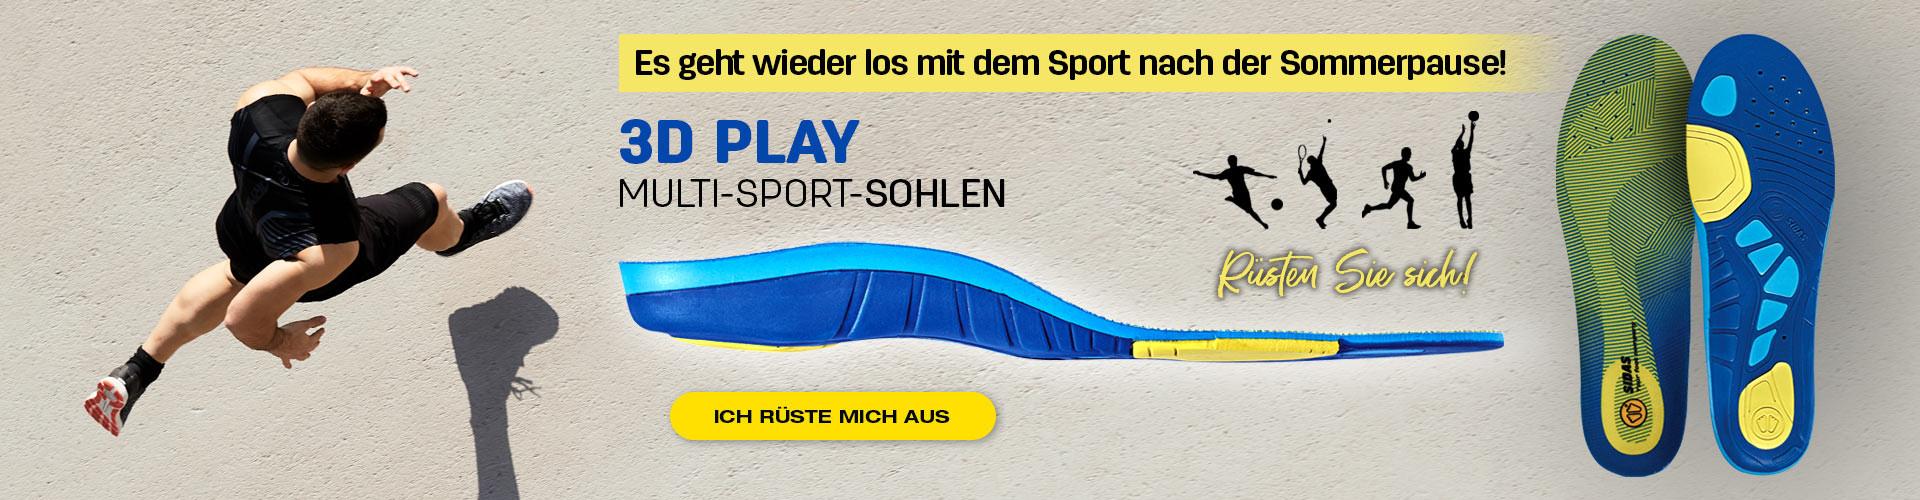 Machen Sie sich bereit für Ihren Rücken zum Sport!